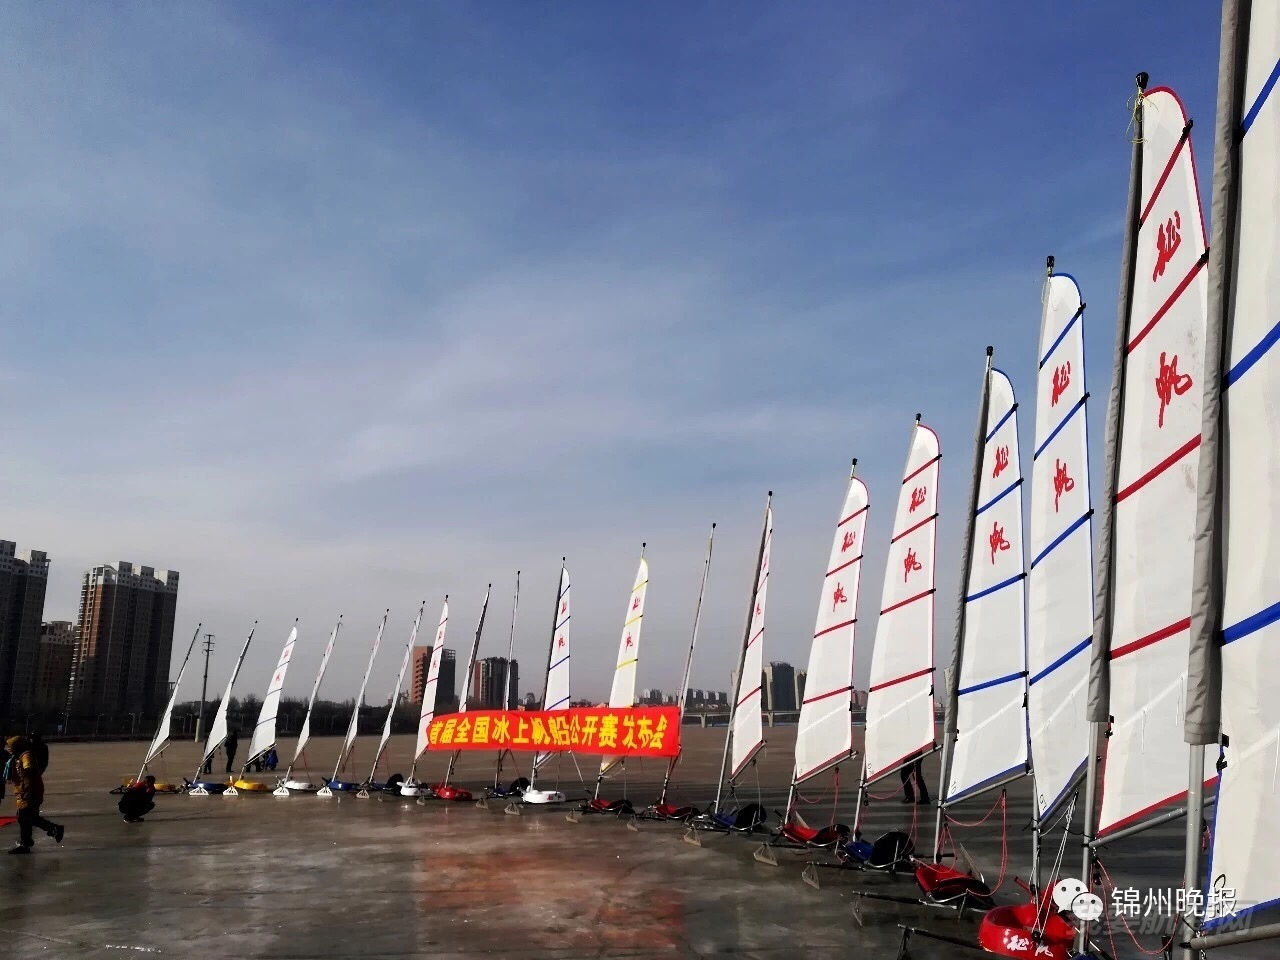 冰~上~帆船赛将在小凌河上竞逐,全国首届!锦州人大饱眼福